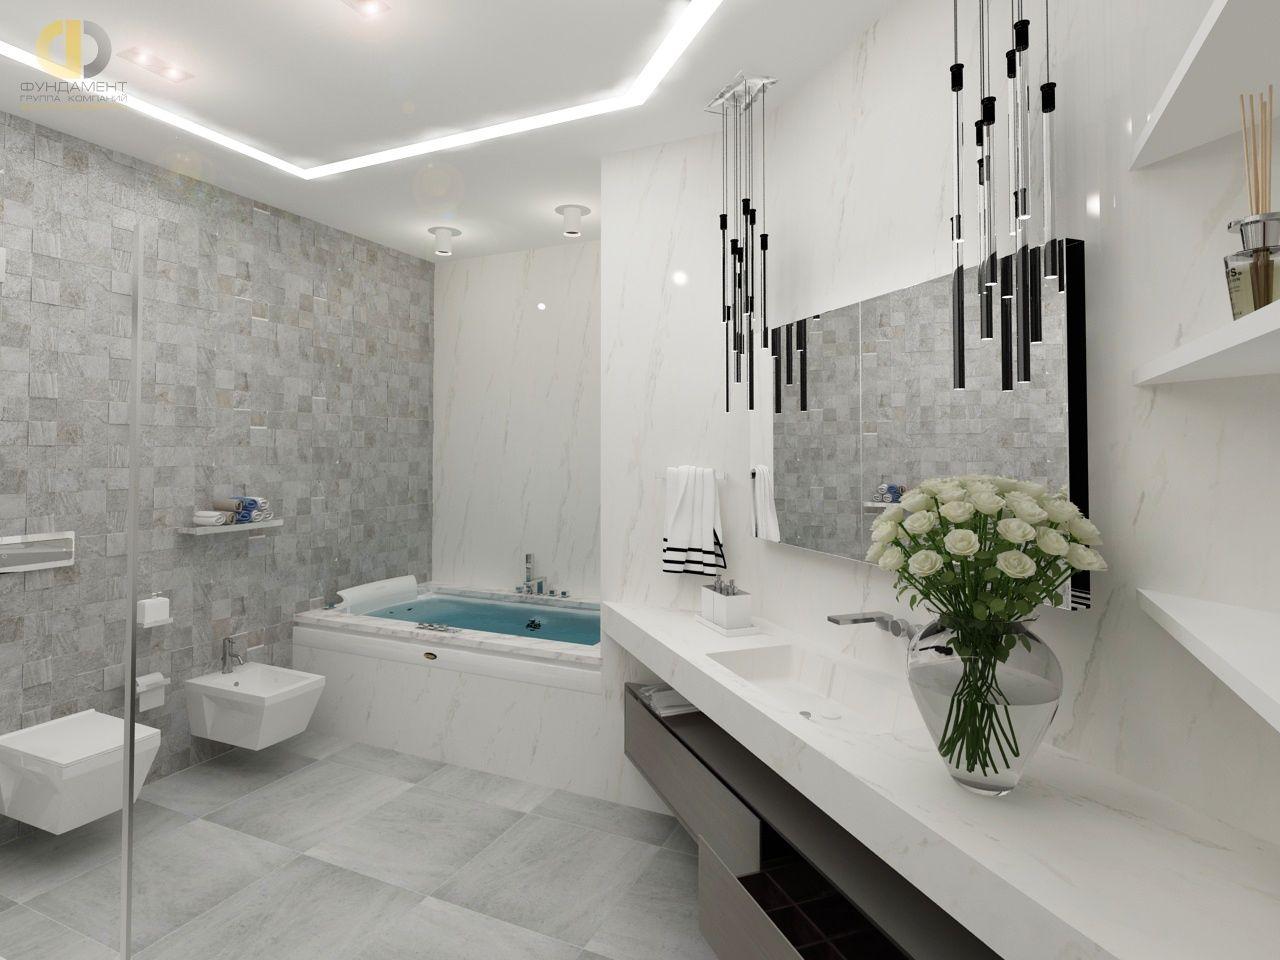 5 важных моментов для правильного подбора сантехники в дизайне интерьера ванной комнаты